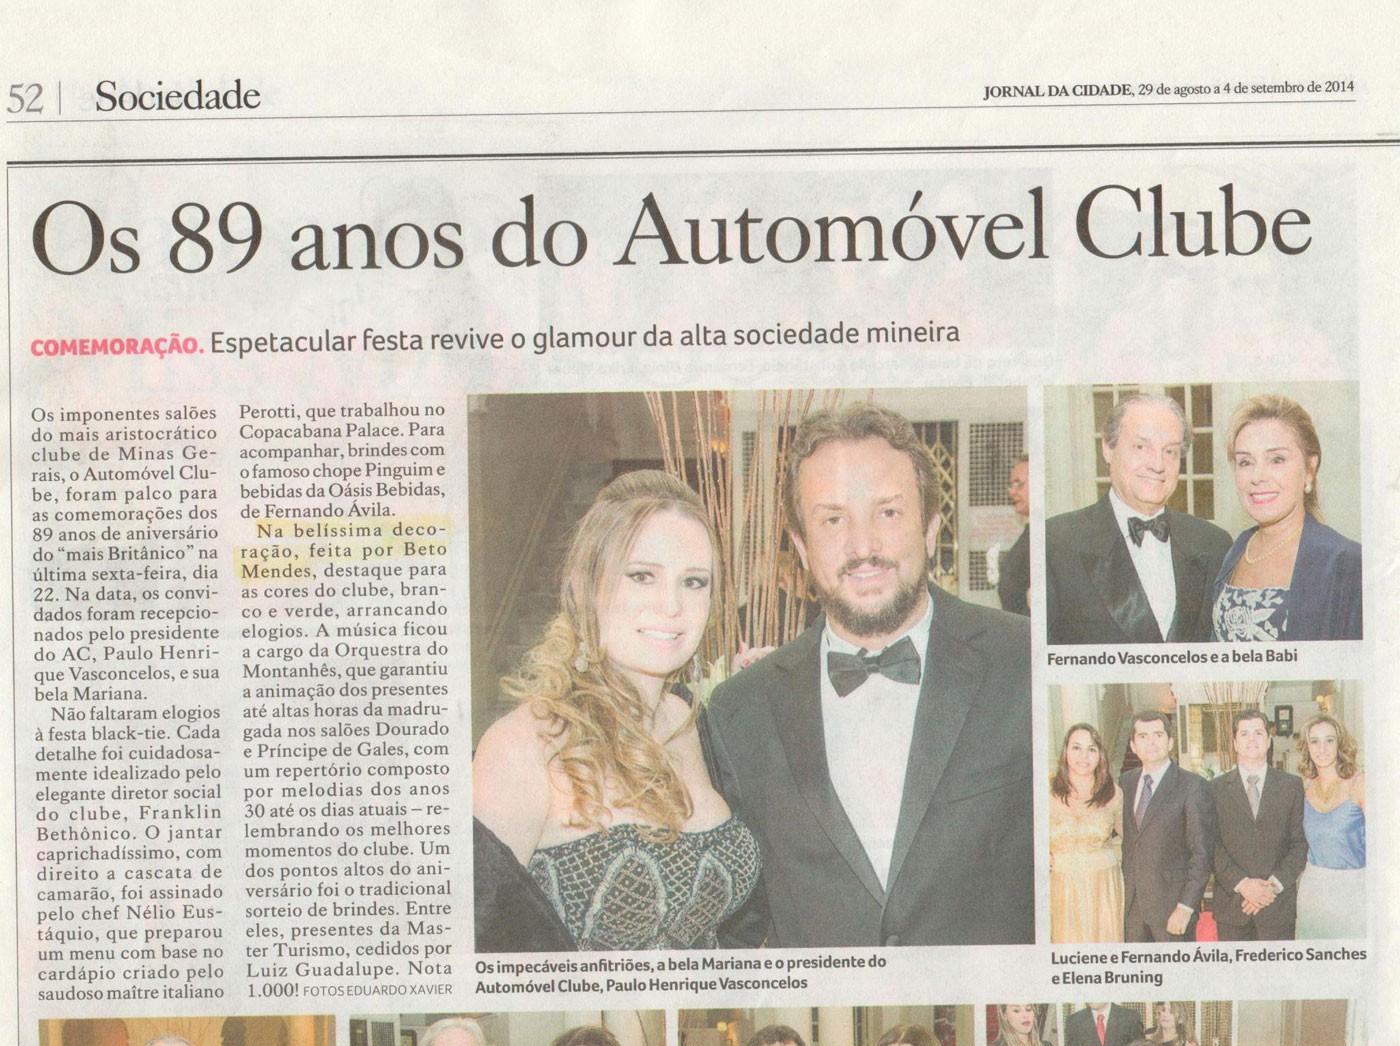 Aniversário do Automóvel Clube